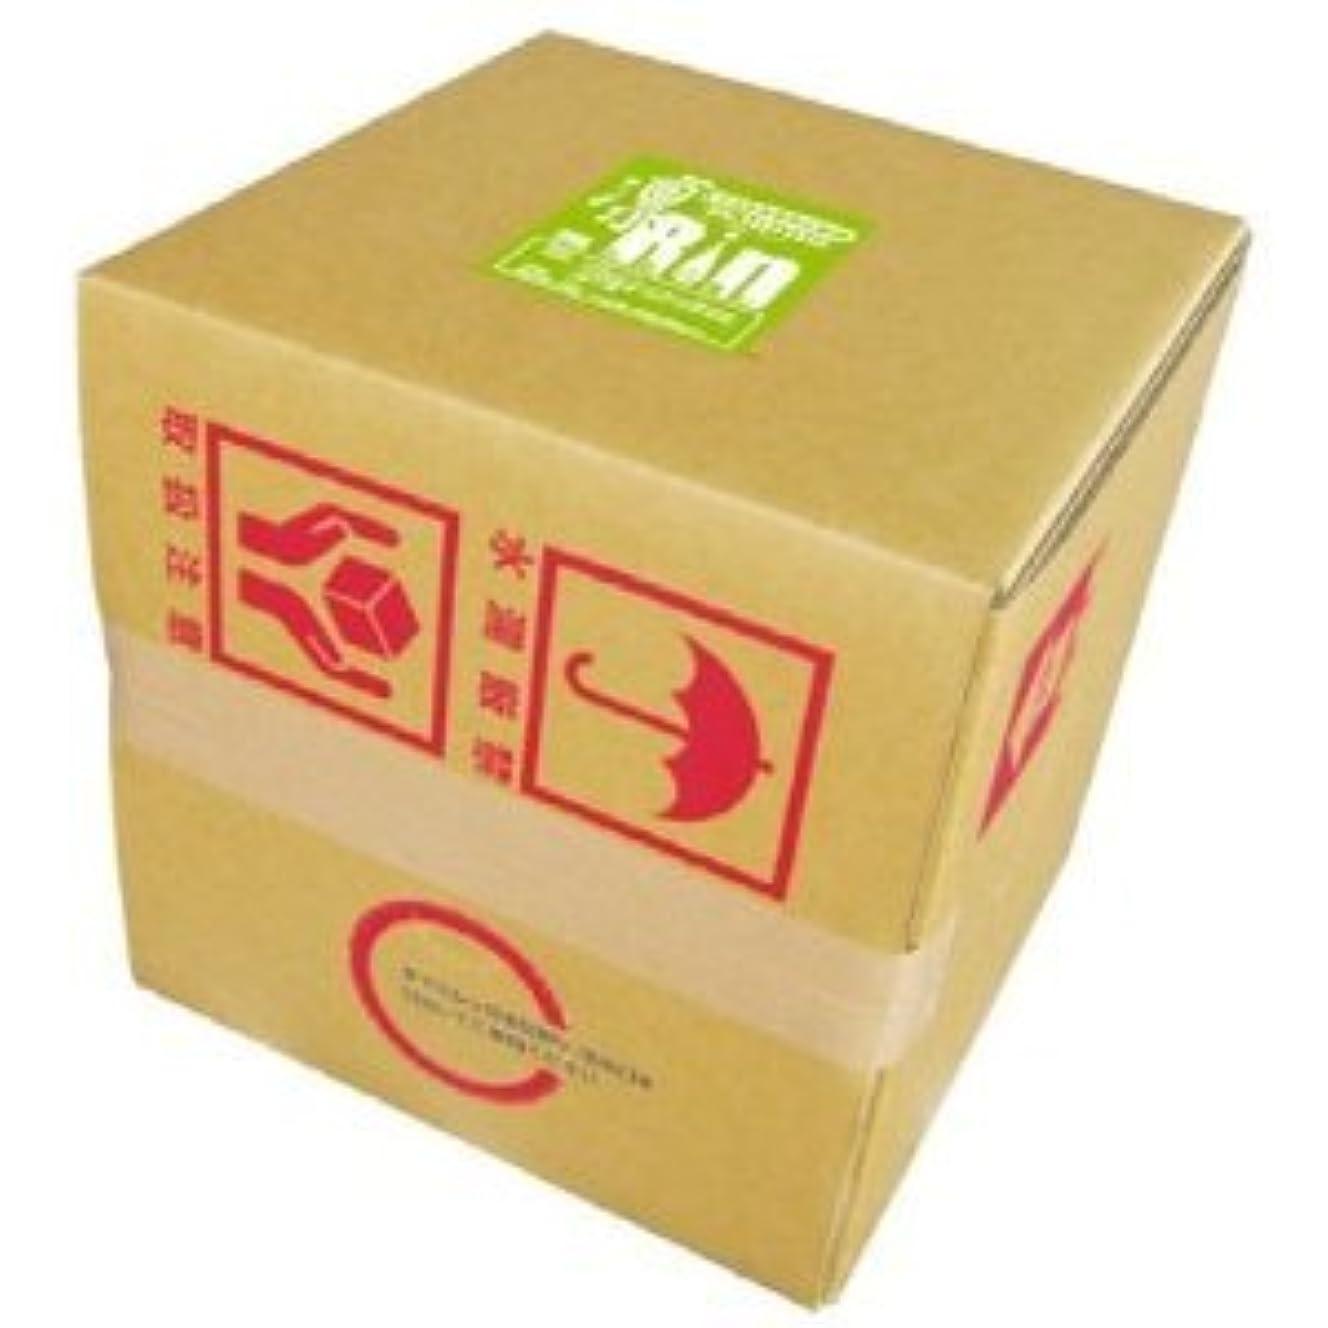 応じる奪うシールドくさの葉化粧品 ボディソープ 凛 20リットル 箱